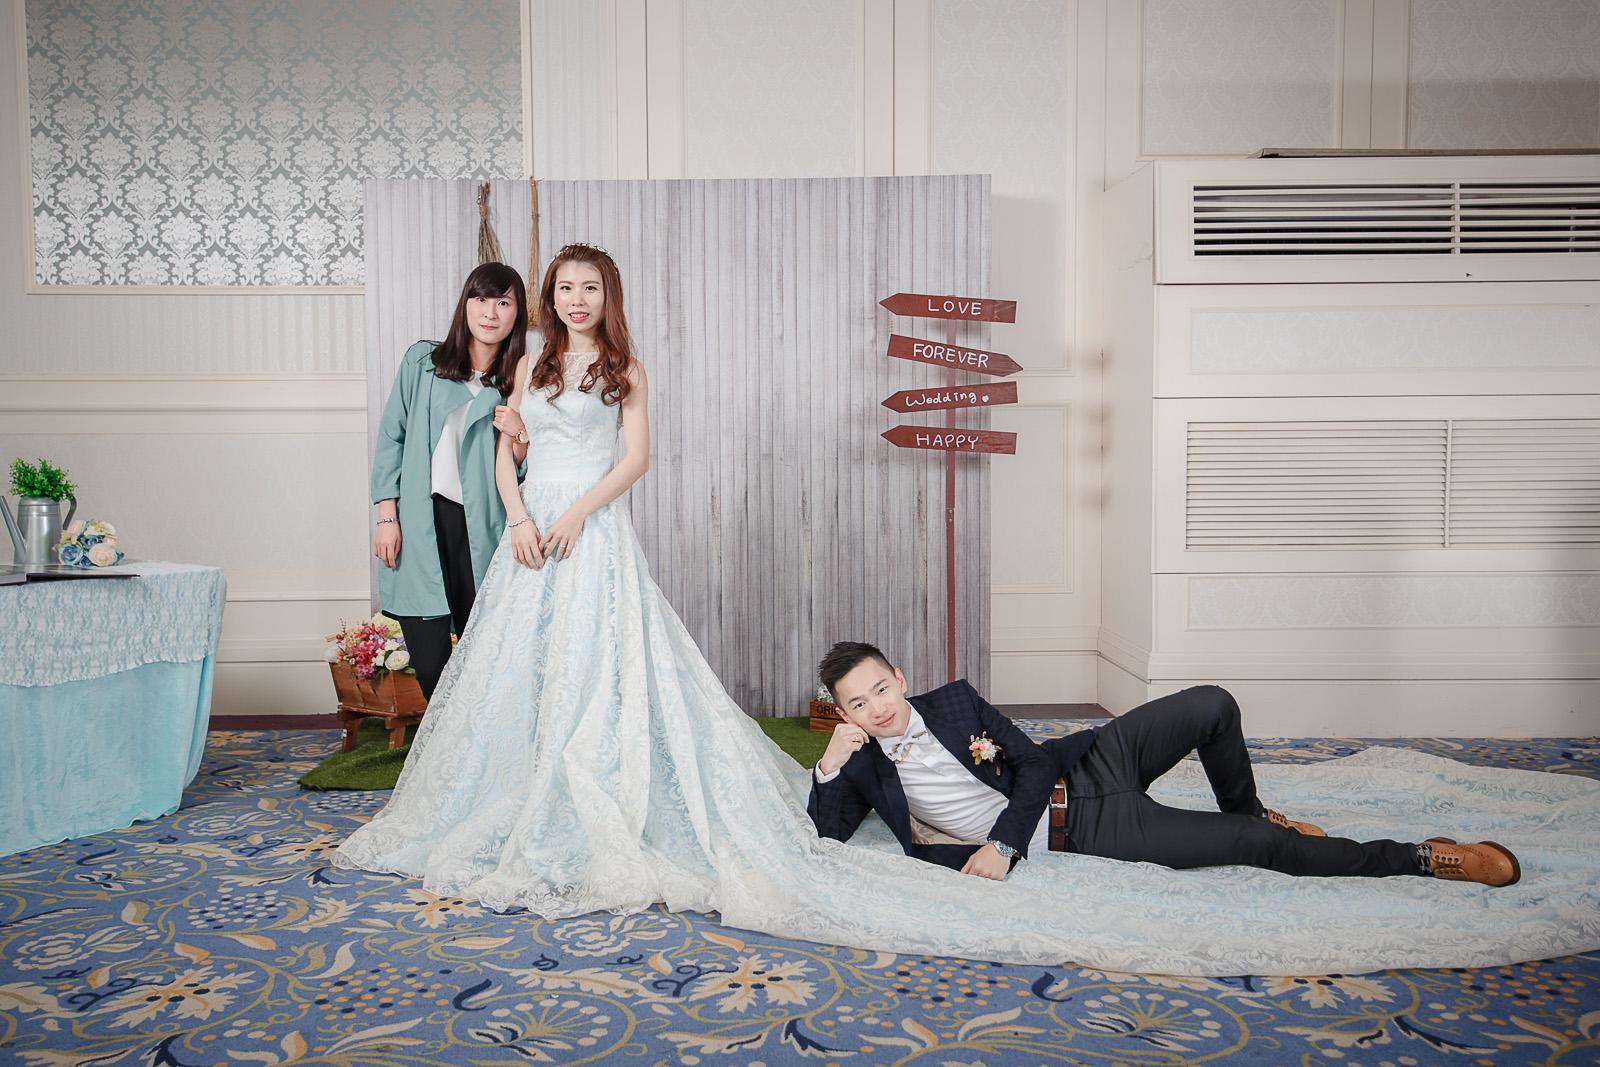 高雄圓山飯店,婚禮攝影,婚攝,高雄婚攝,優質婚攝推薦,Jen&Ethan-343